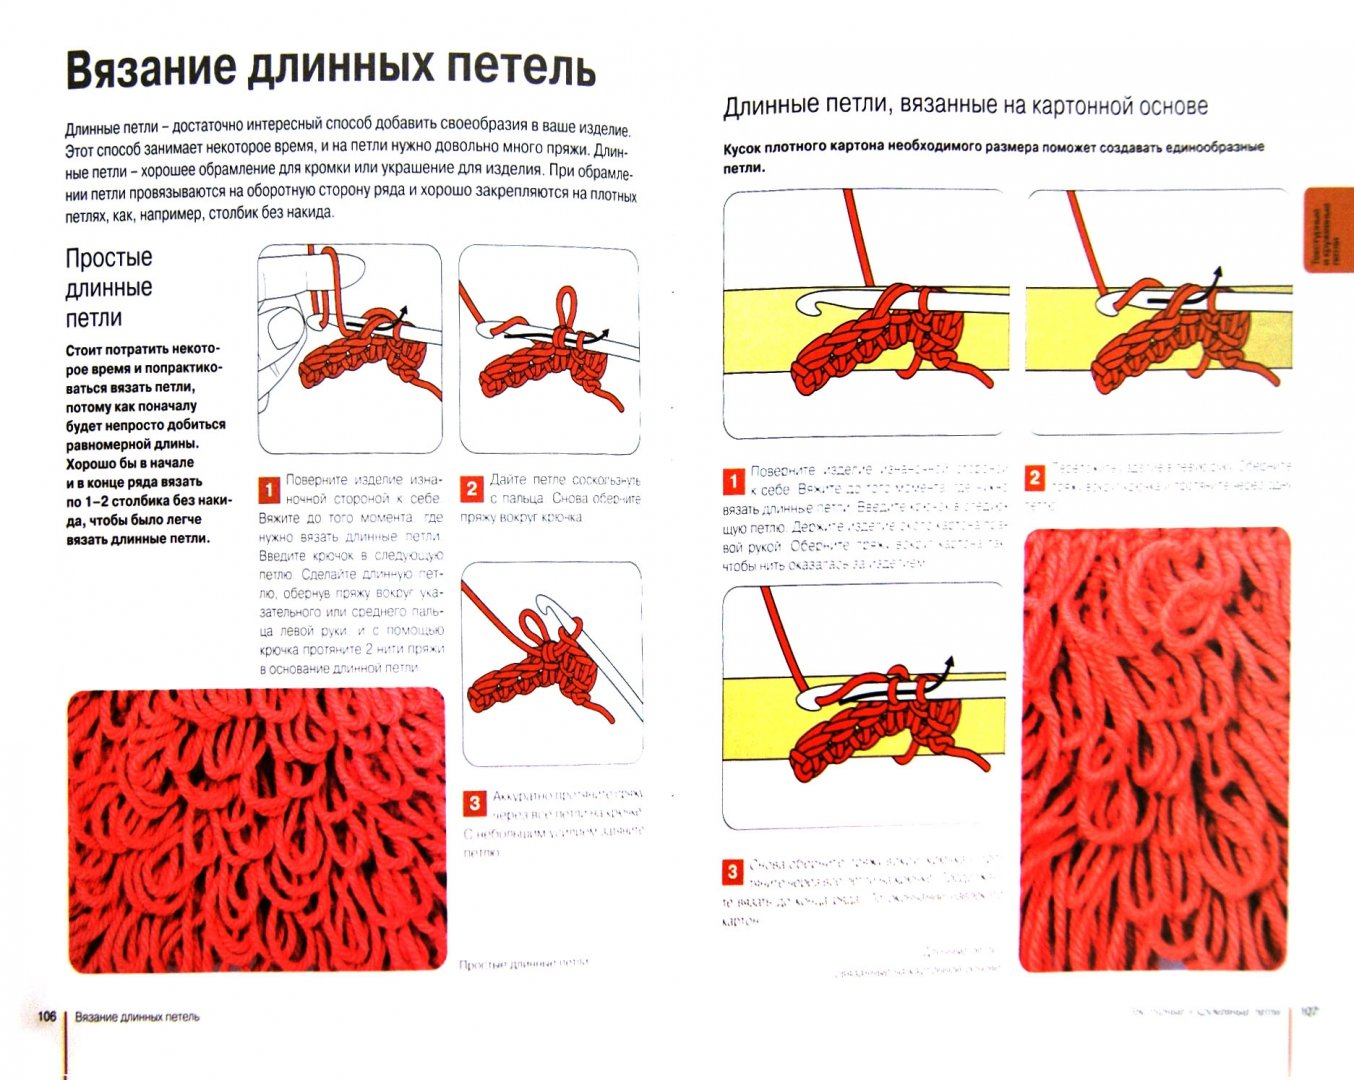 Иллюстрация 1 из 16 для Библия вязания крючком. Подробное руководство по всем техникам вязания - Джейн Кроуфут | Лабиринт - книги. Источник: Лабиринт